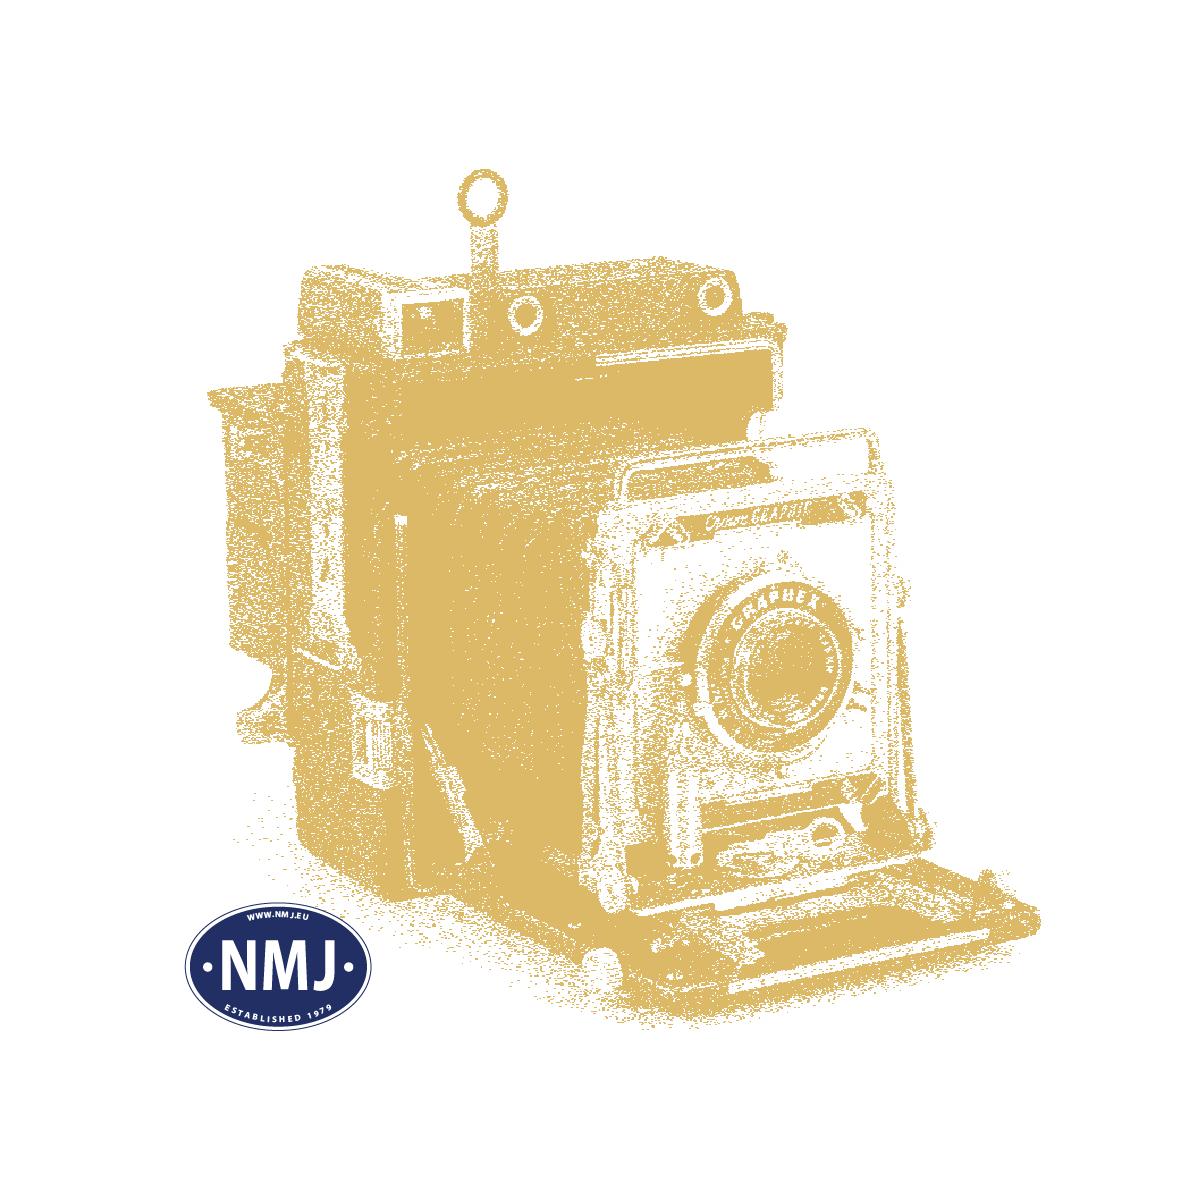 NMJT132.302 - NMJ Topline NSB CB3 21233,  Rot/Schwarz